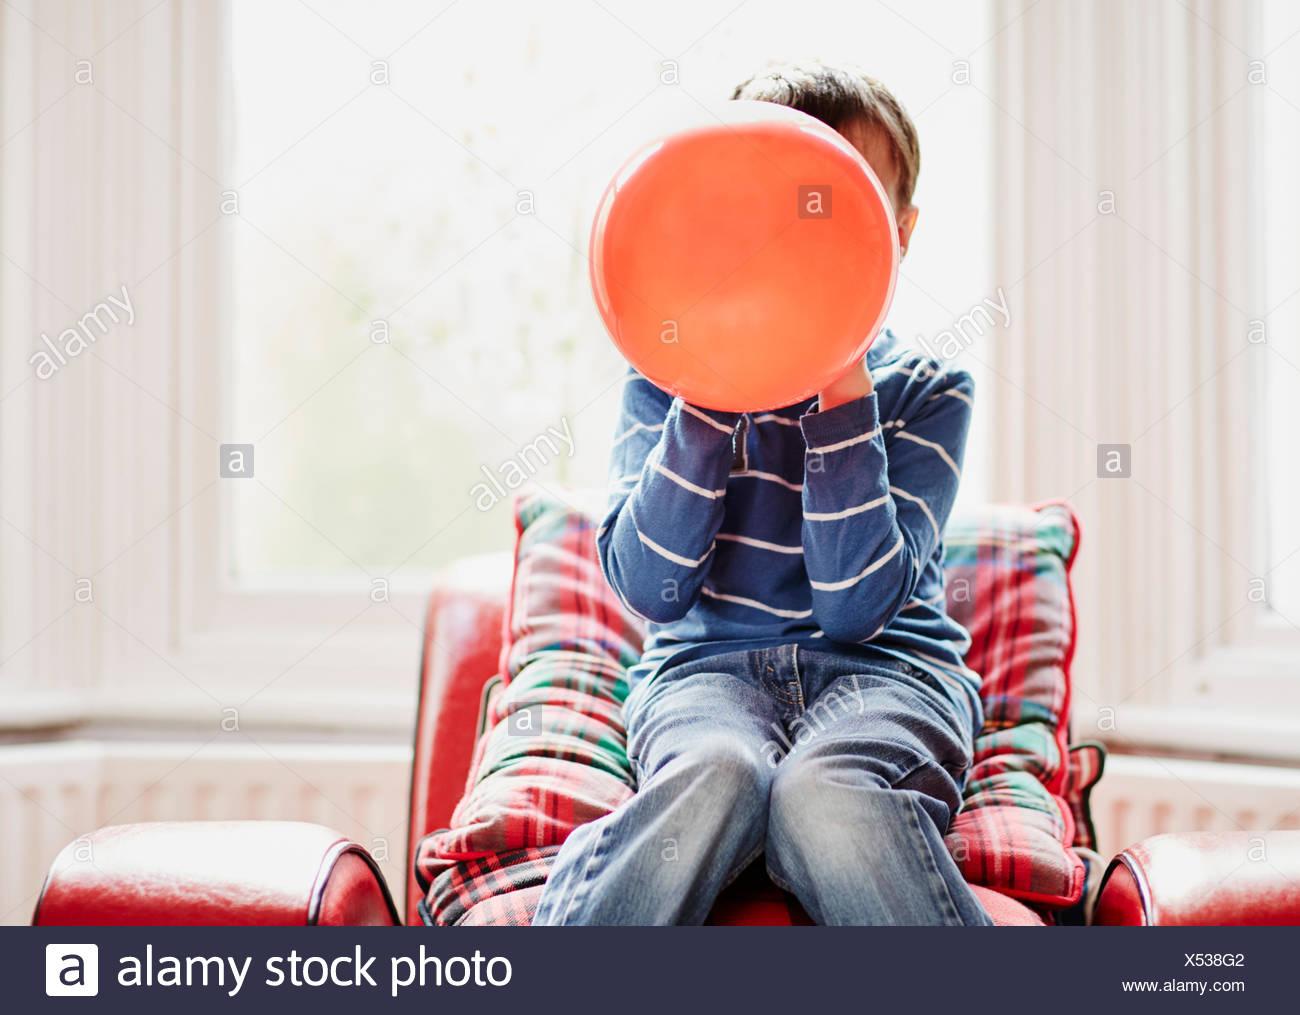 Kleiner Junge hält Ballon vor Gesicht Stockbild